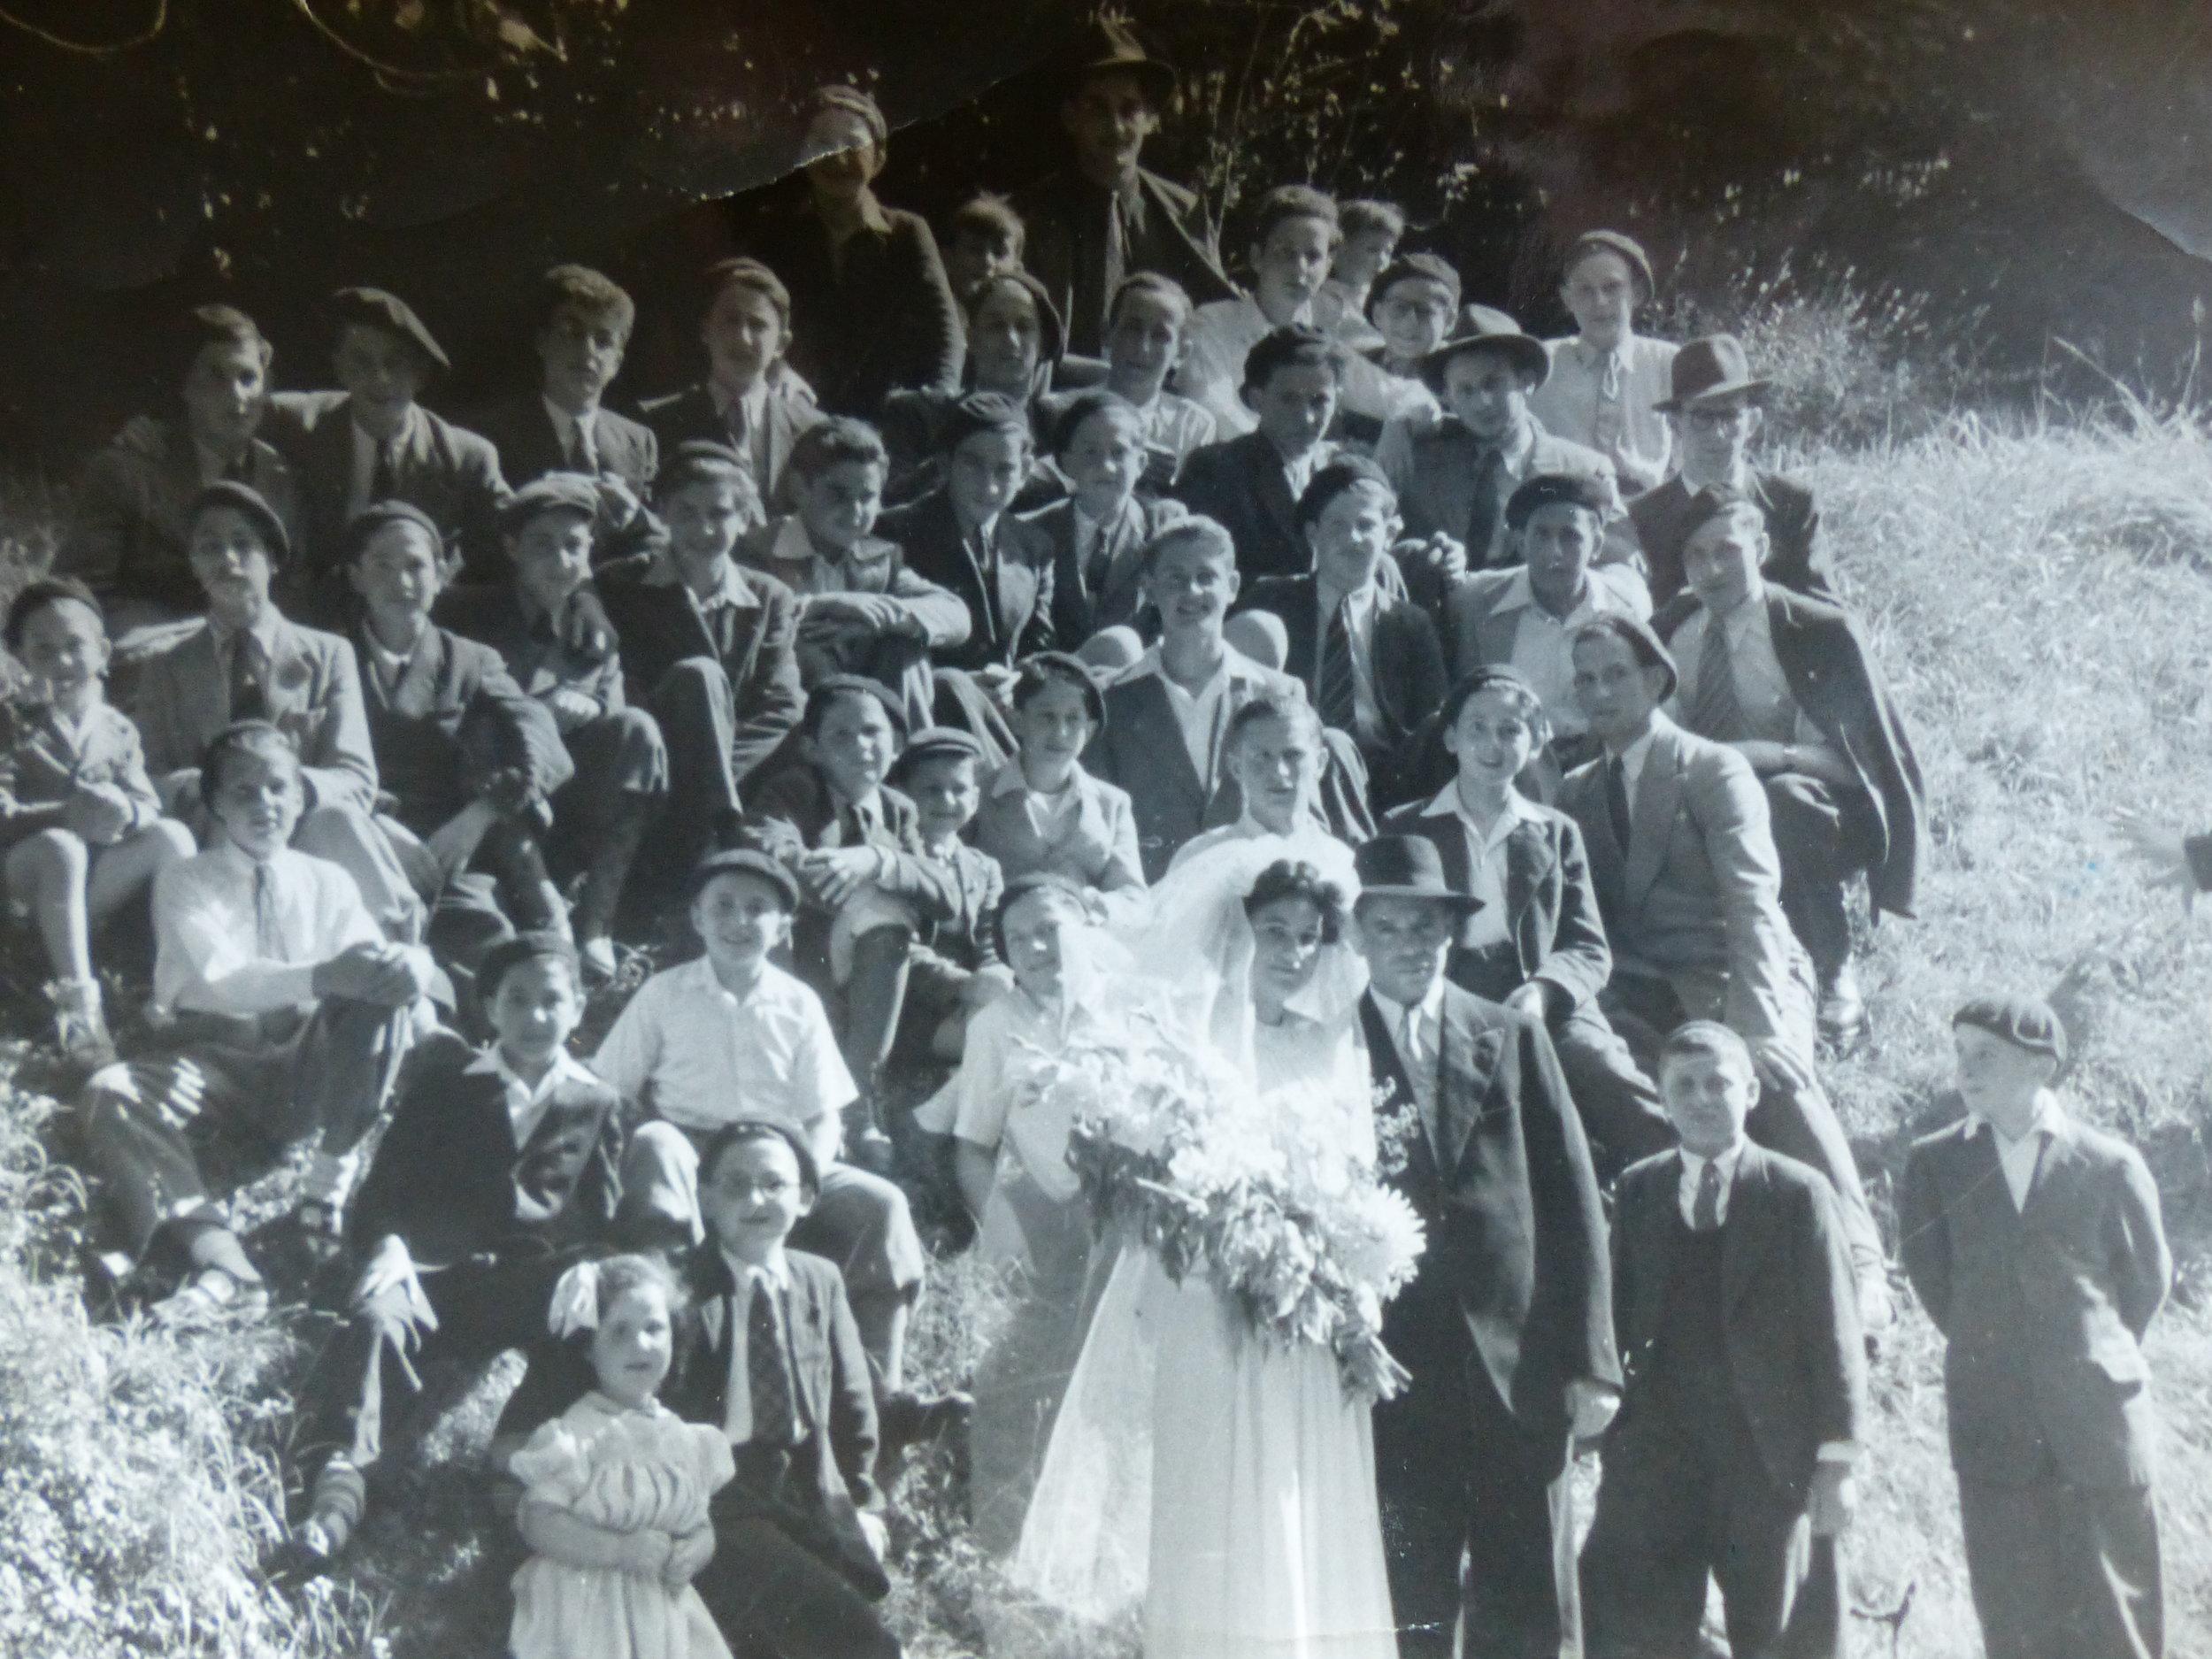 LE mariage de Rav Chajkin entoure de ses eleves 1946.JPG